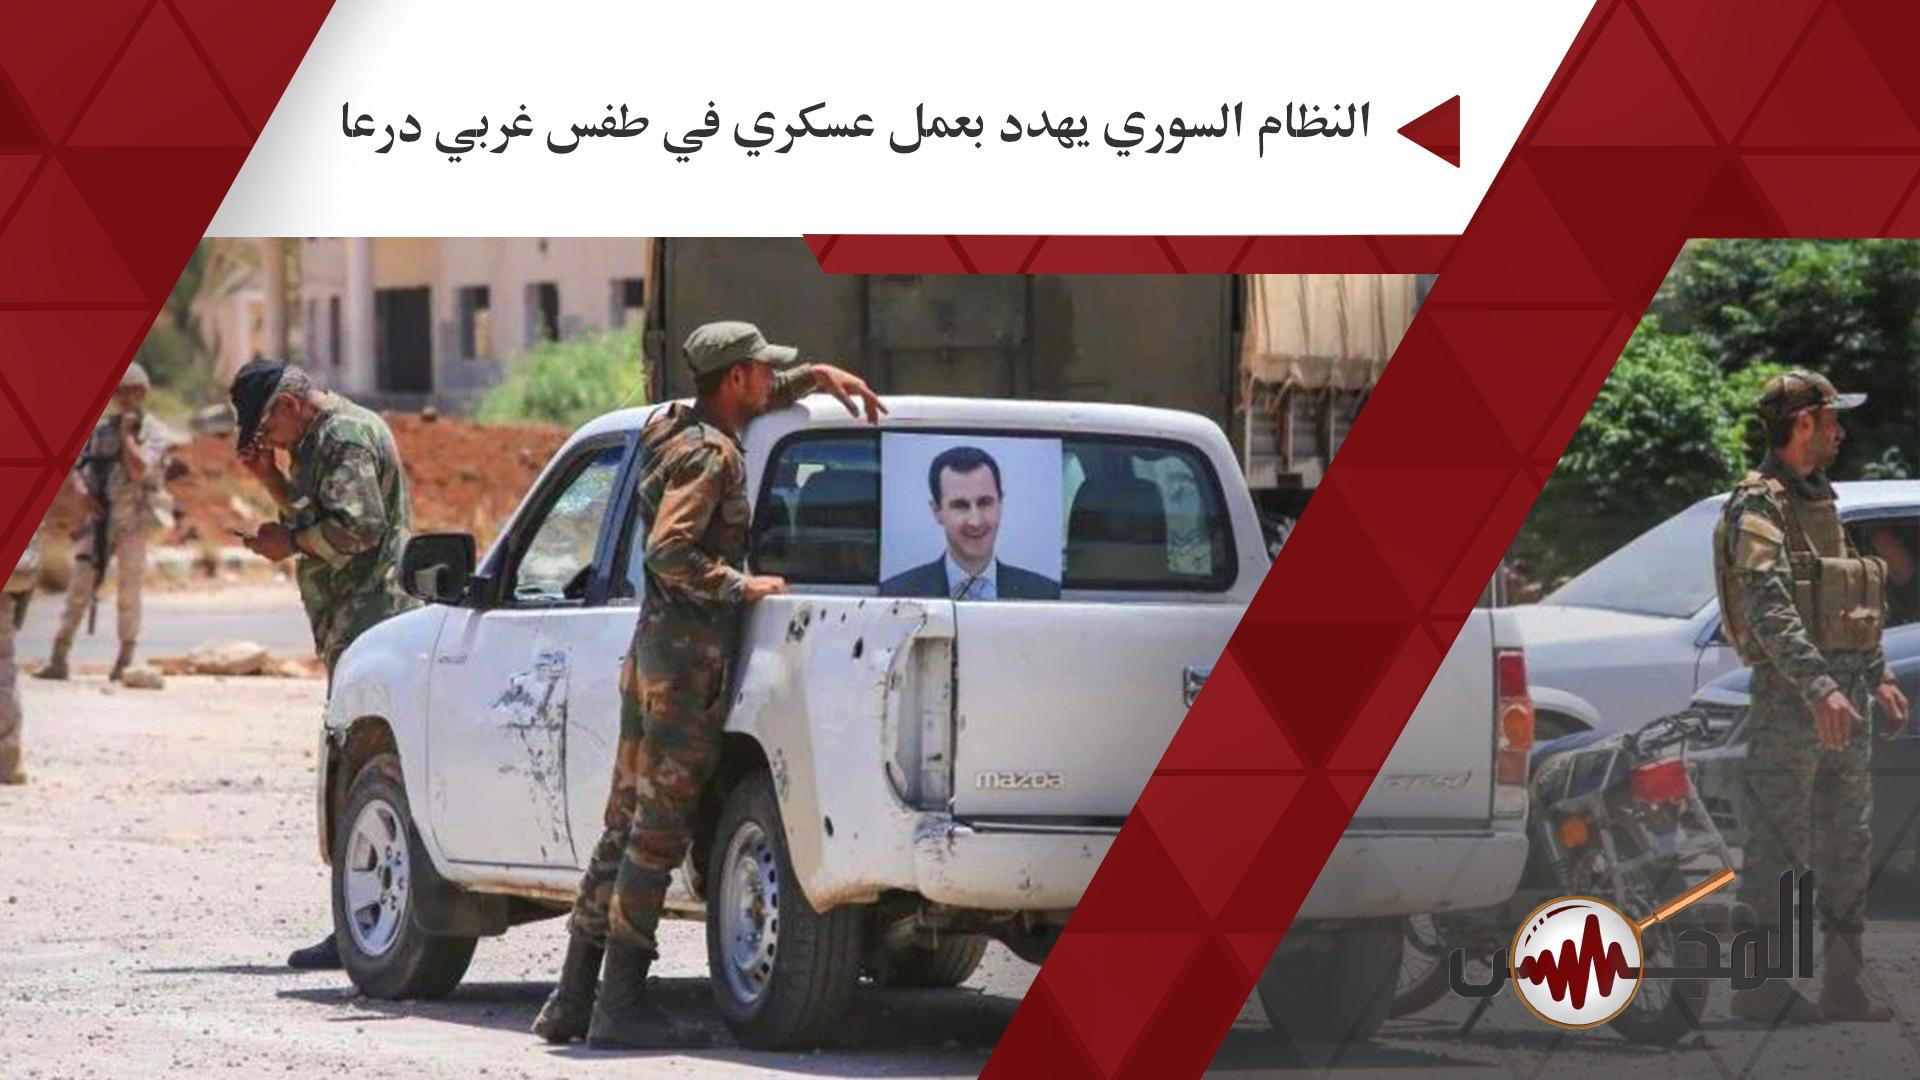 النظام السوري يهدد بعمل عسكري في طفس غربي درعا